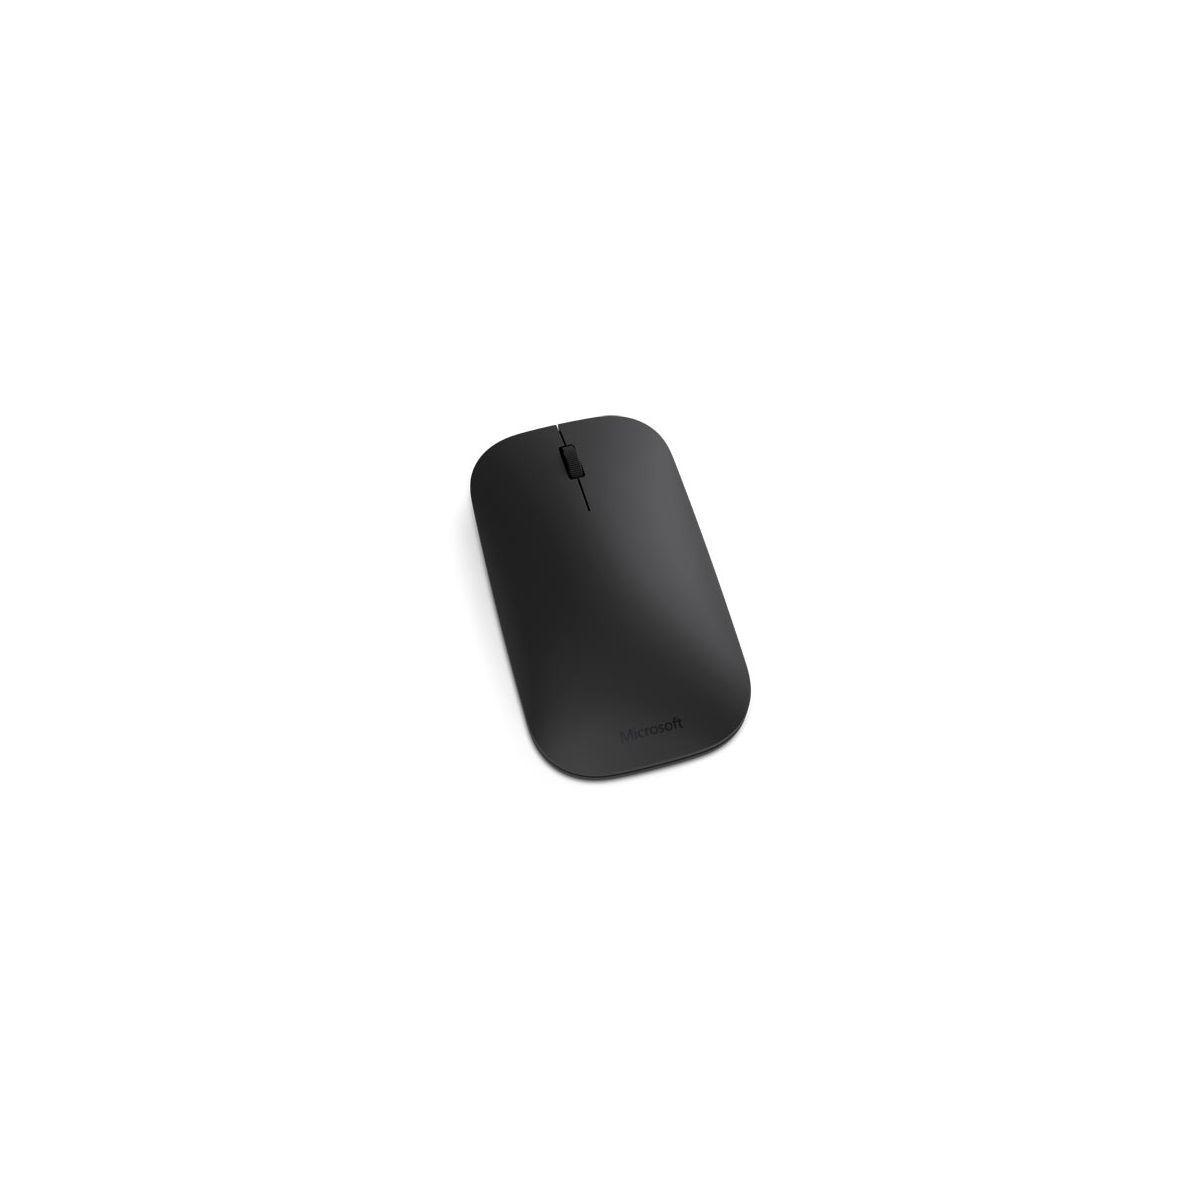 Souris sans fil microsoft designer bluetooth mouse